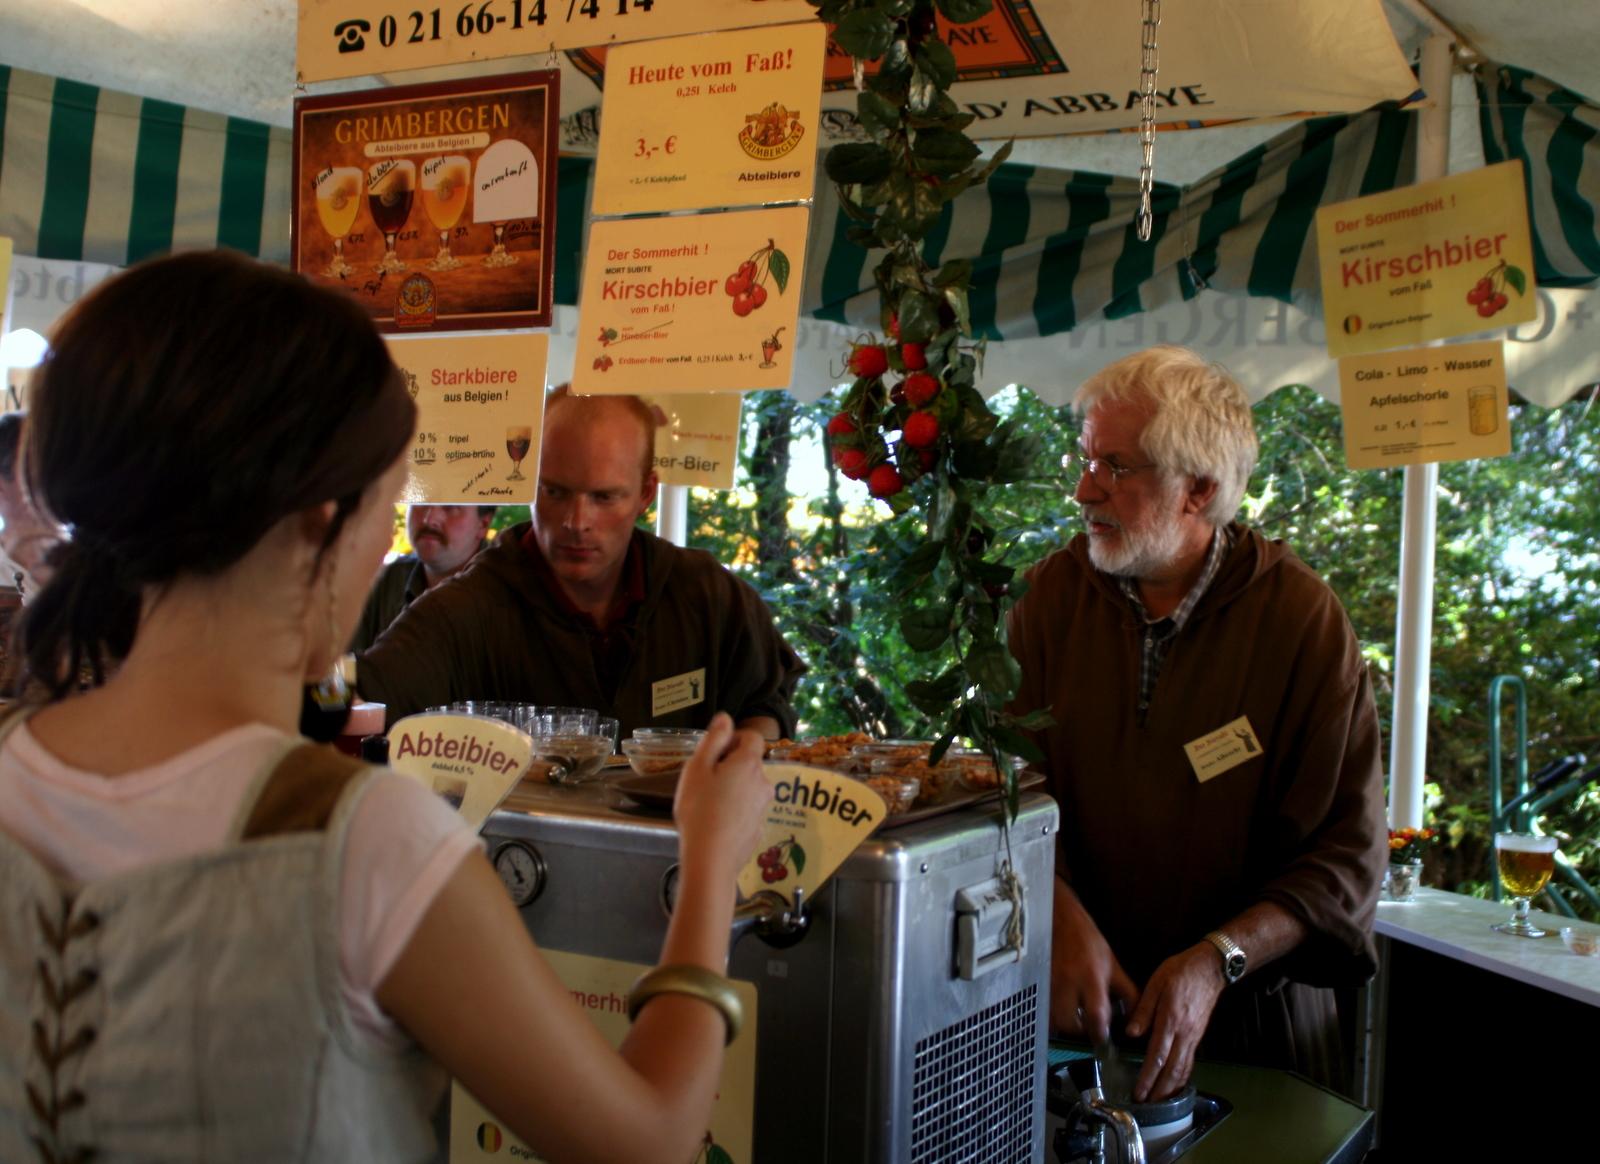 Пятнадцатый фестиваль пива в Берлине